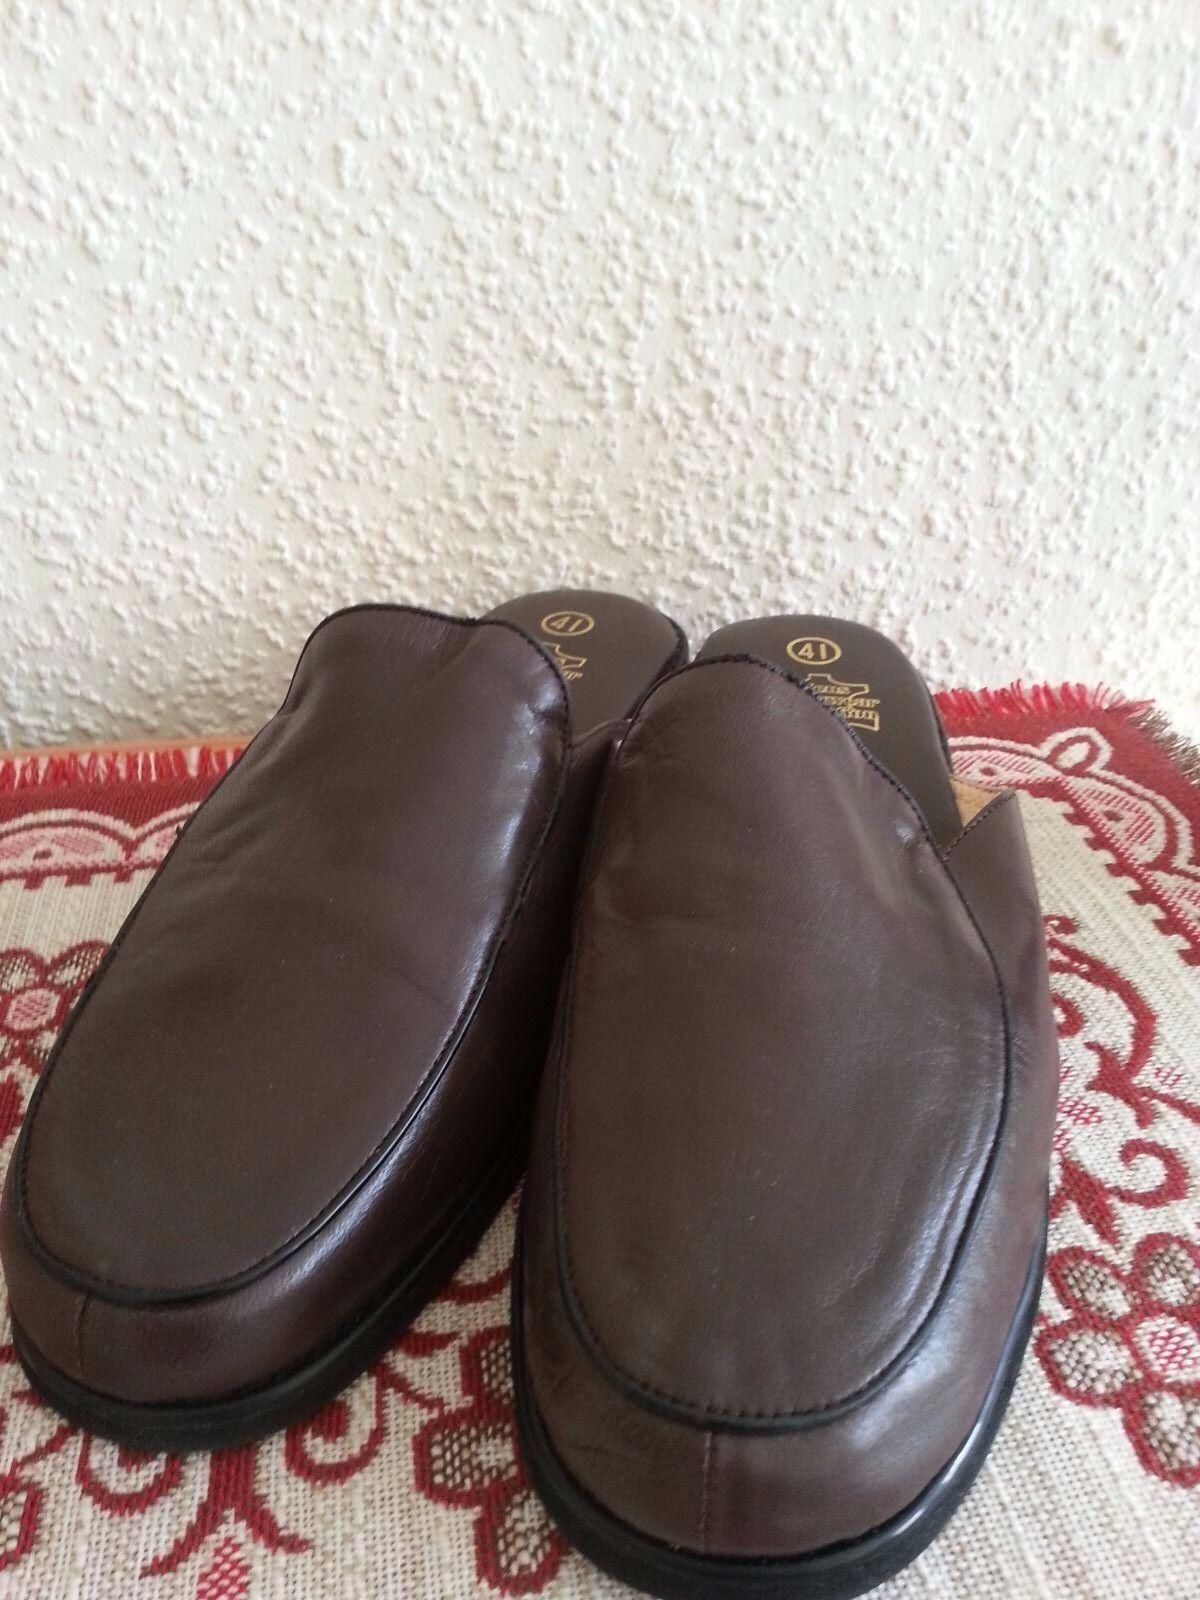 Mens Homewear Collection Pantoffeln Gr 41 Volllederaustattung echt Leder braun